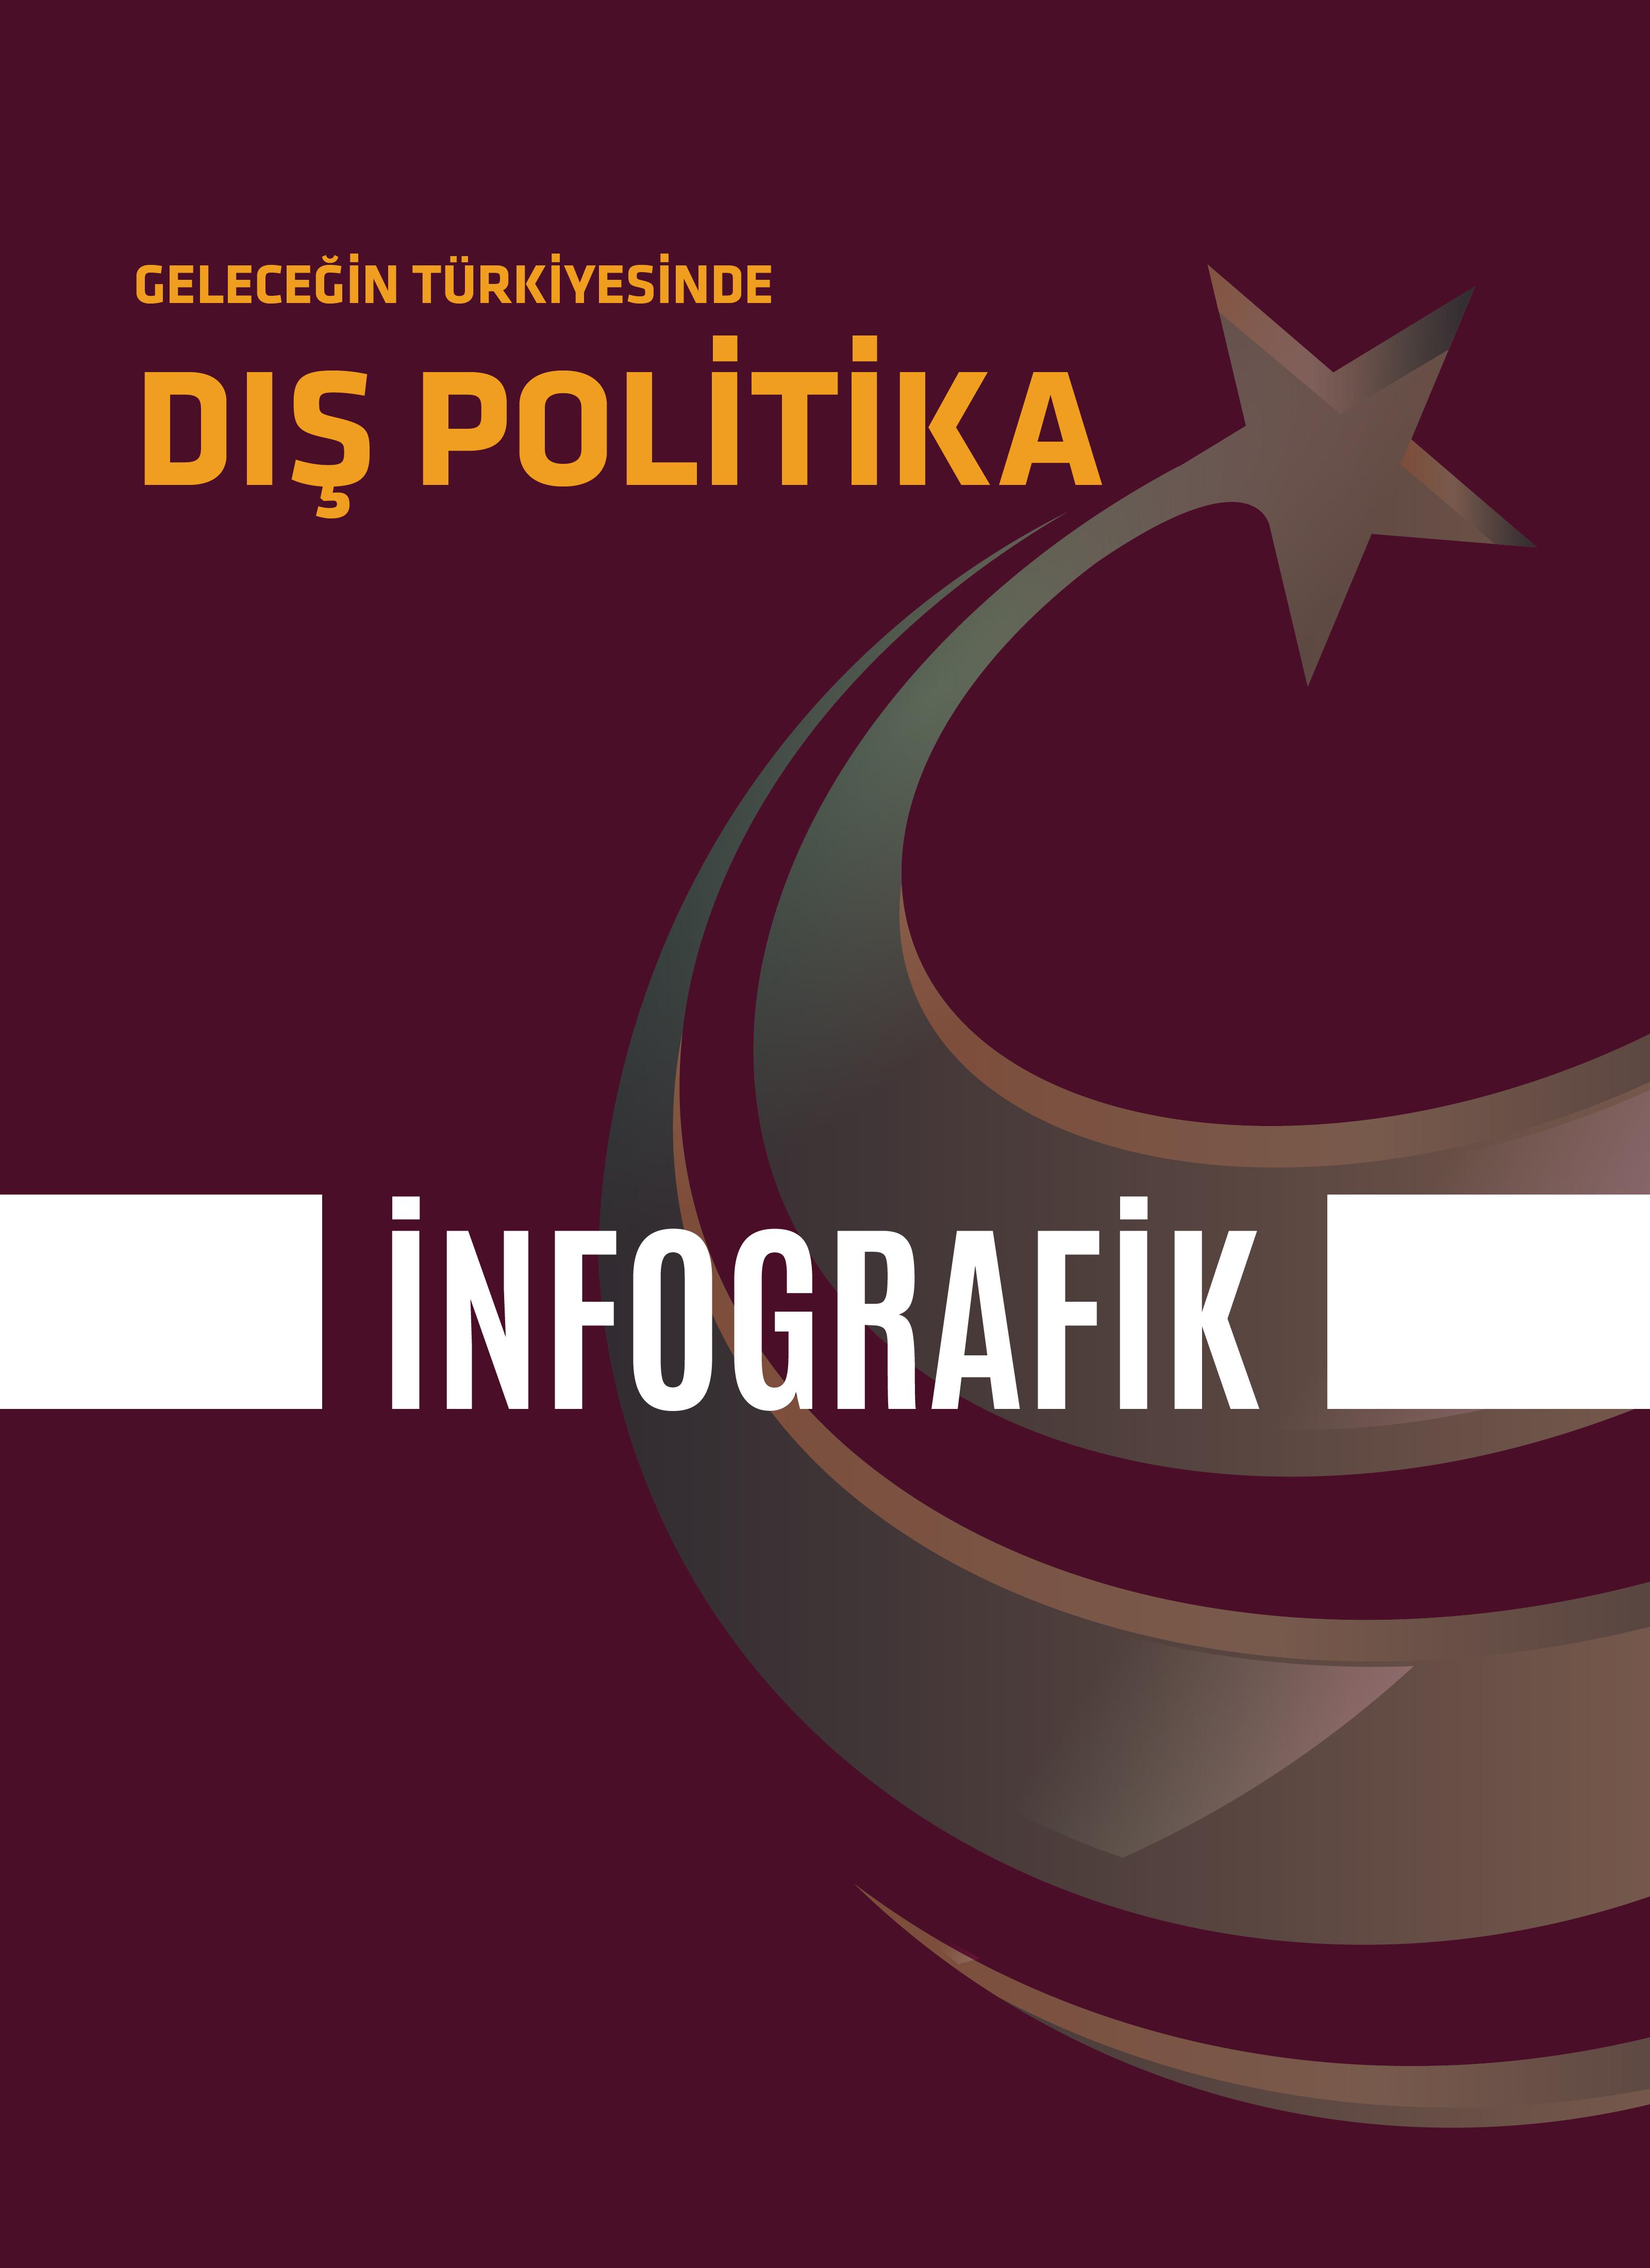 İnfografik |Geleceğin Türkityesinde Dış Politika